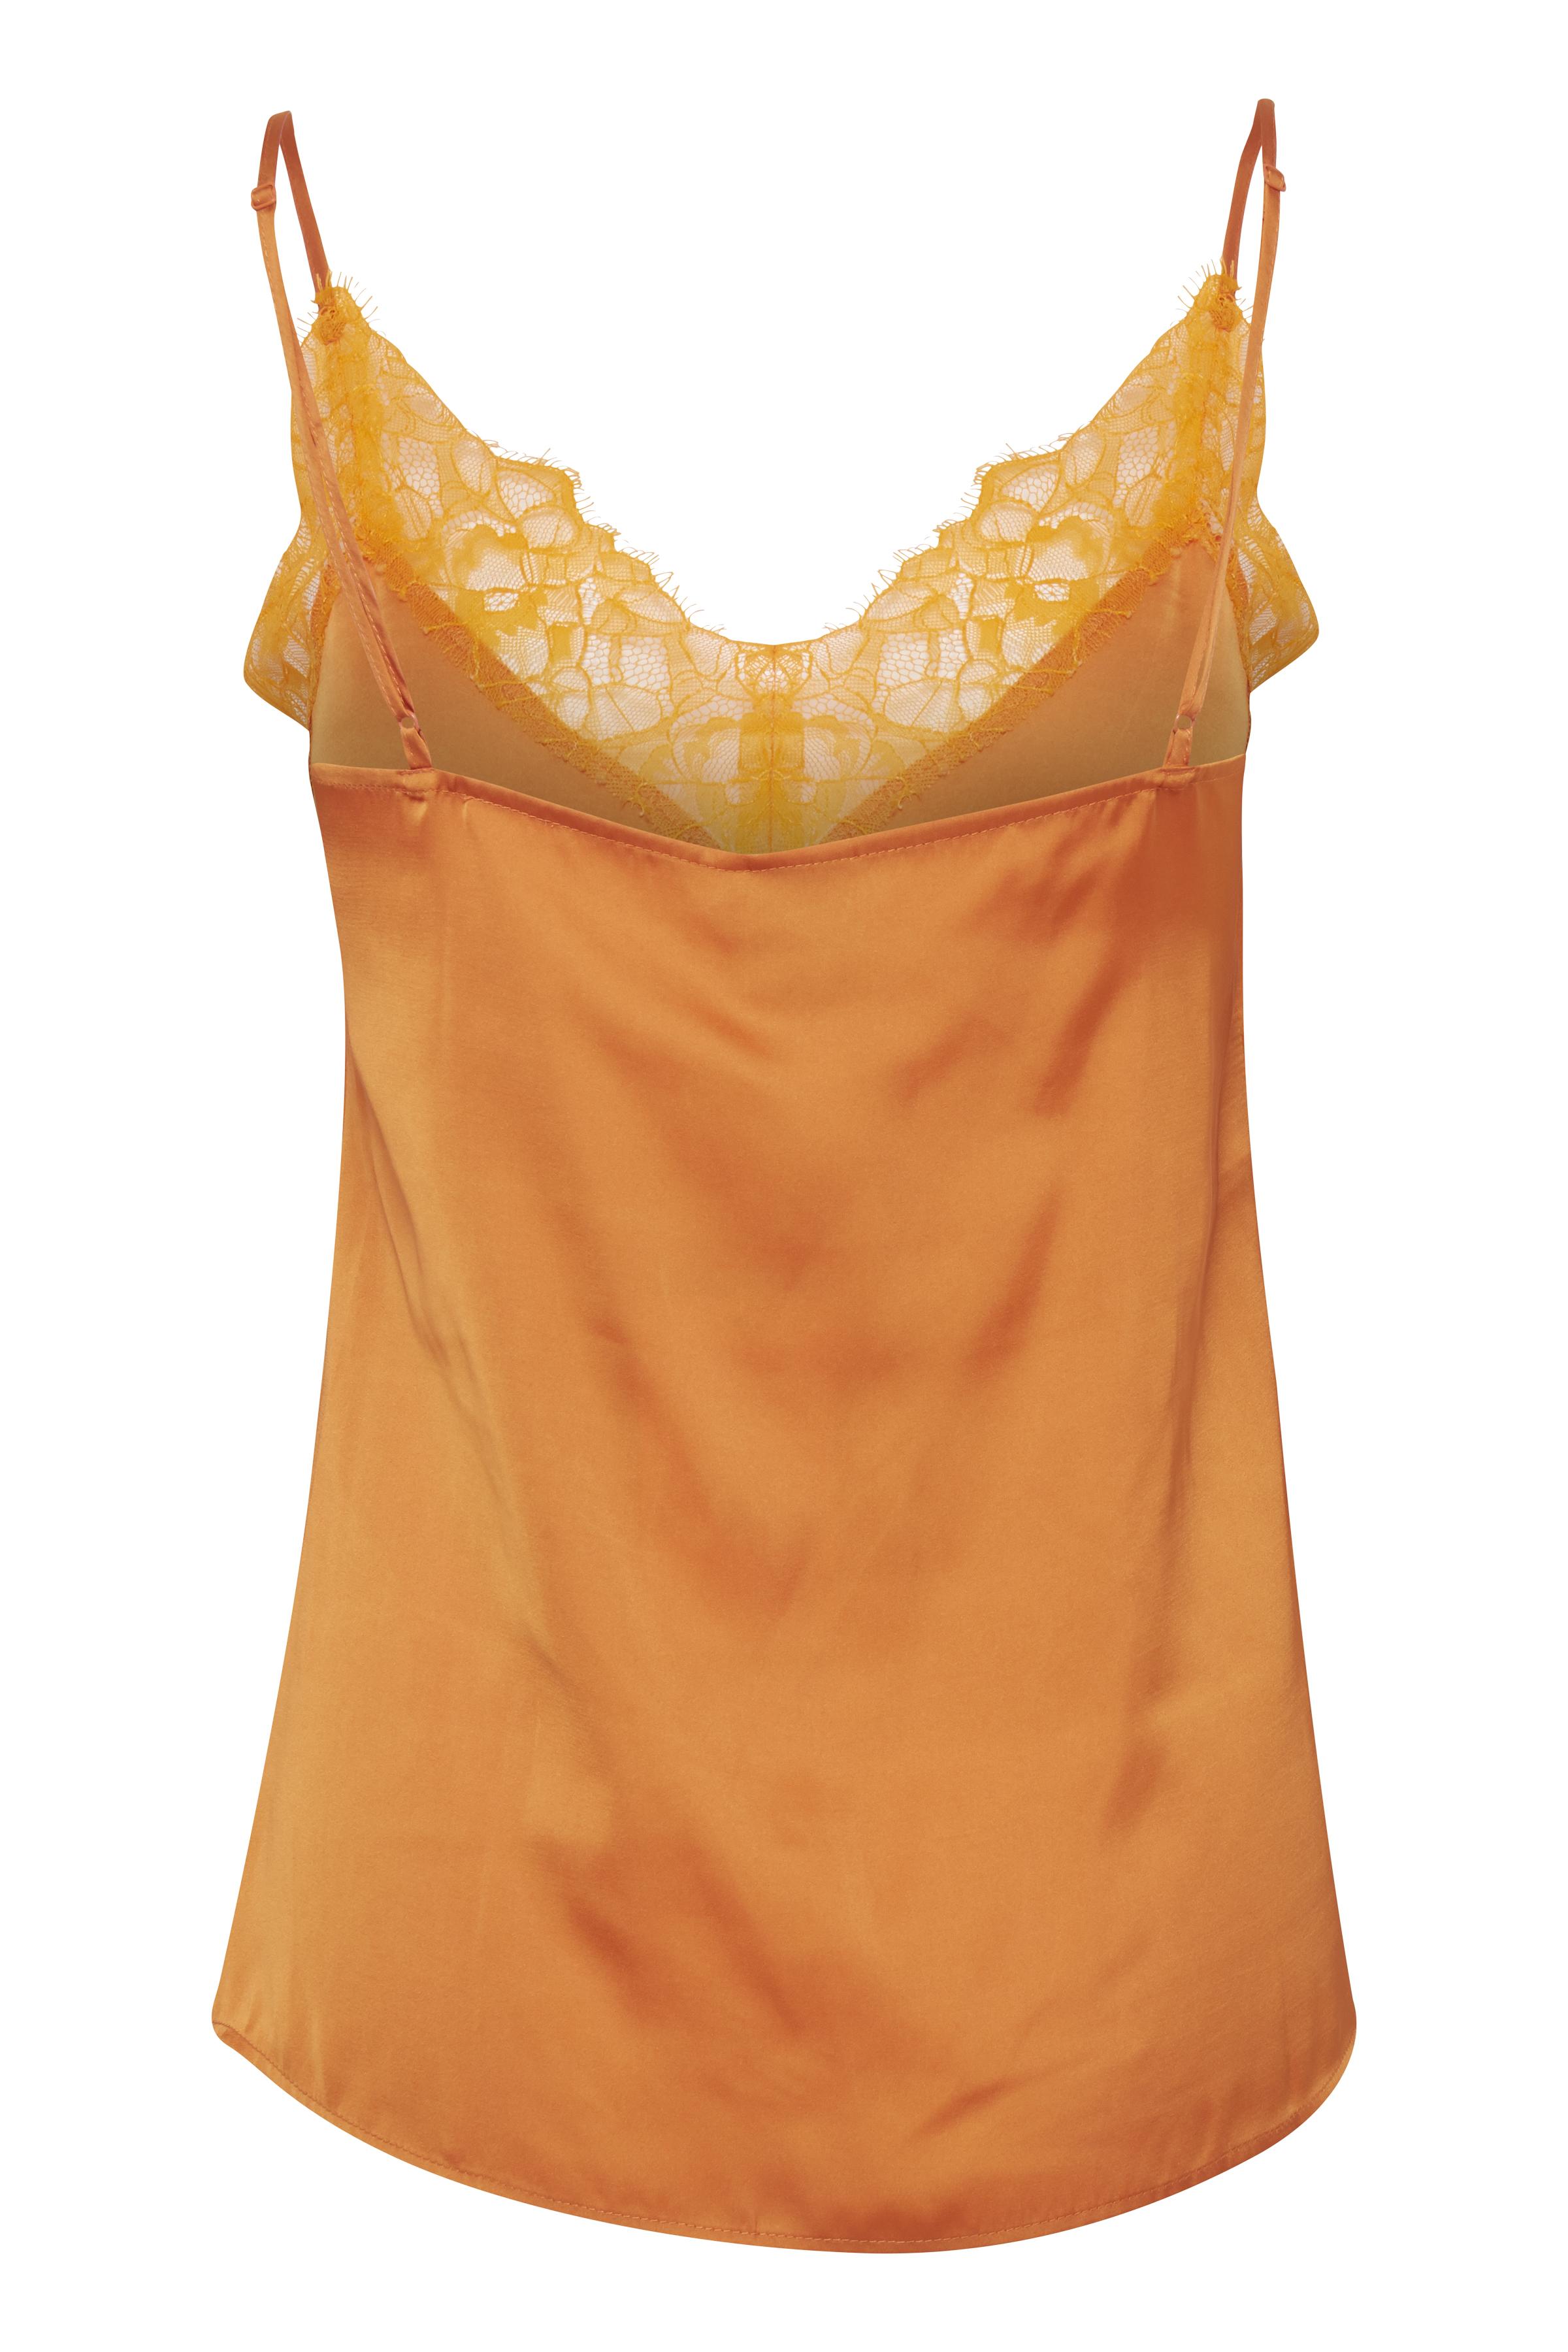 Russet Orange Top – Køb Russet Orange Top fra str. XS-XL her